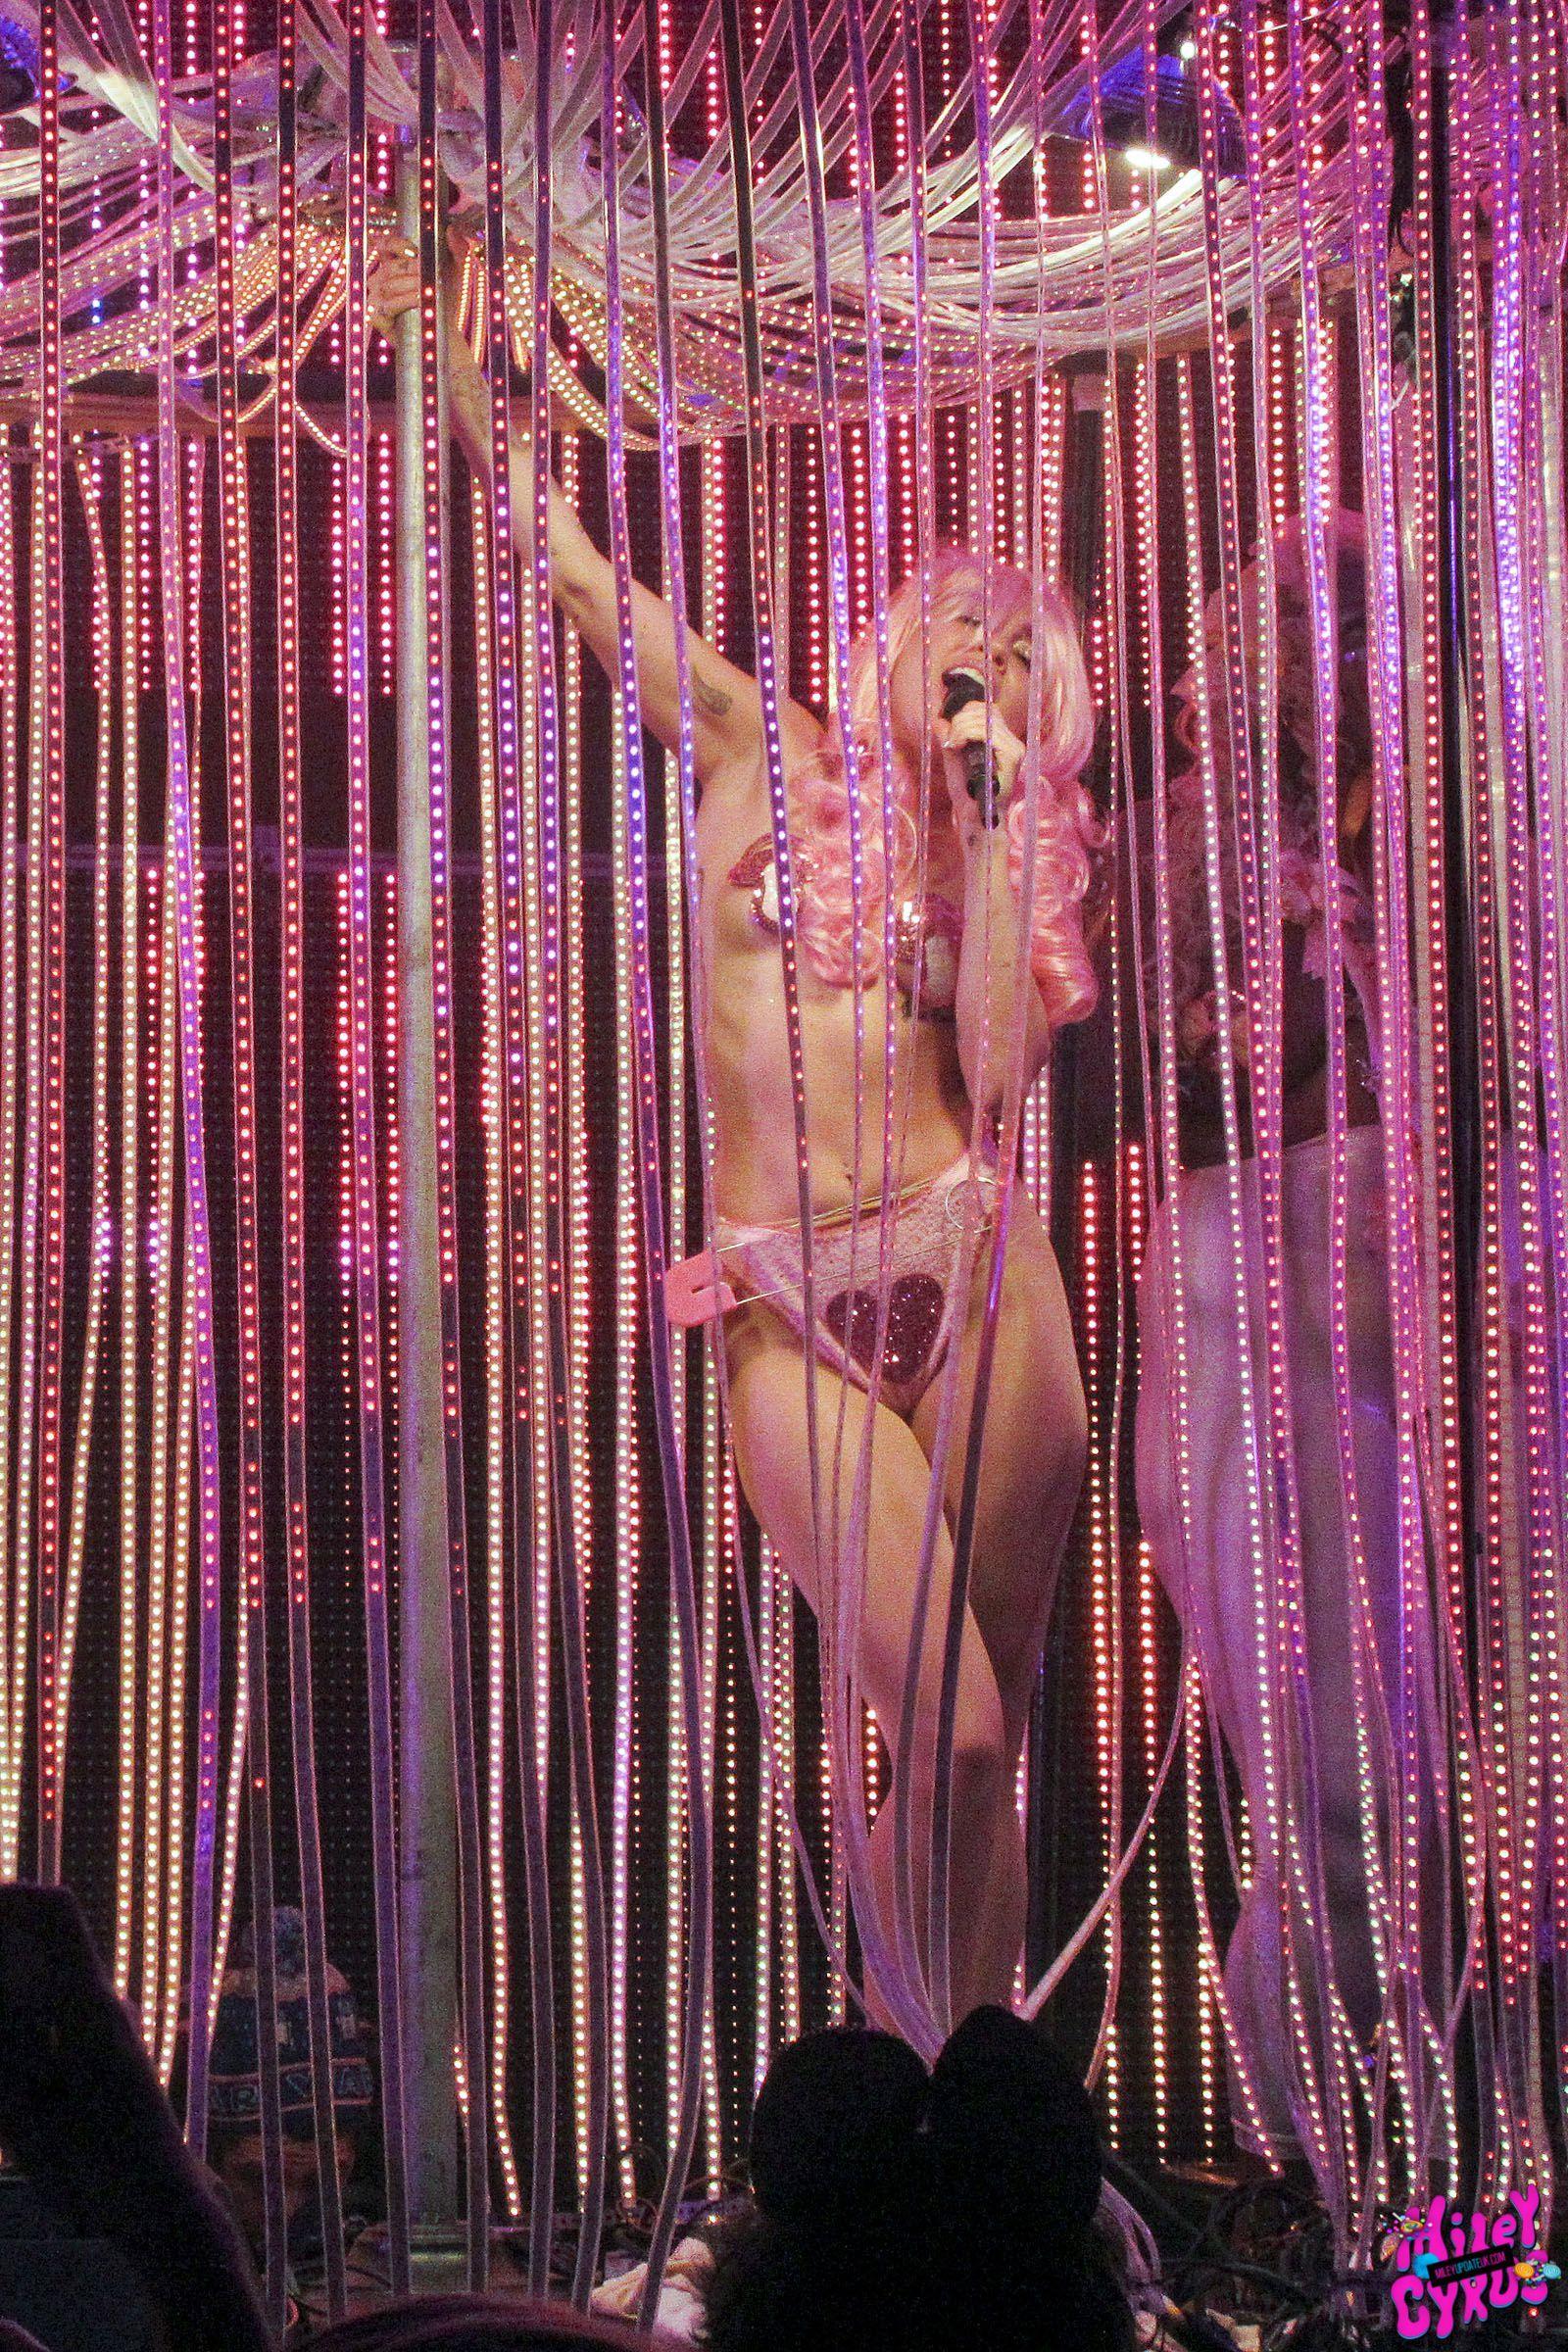 Miley Cyrus riding big cock